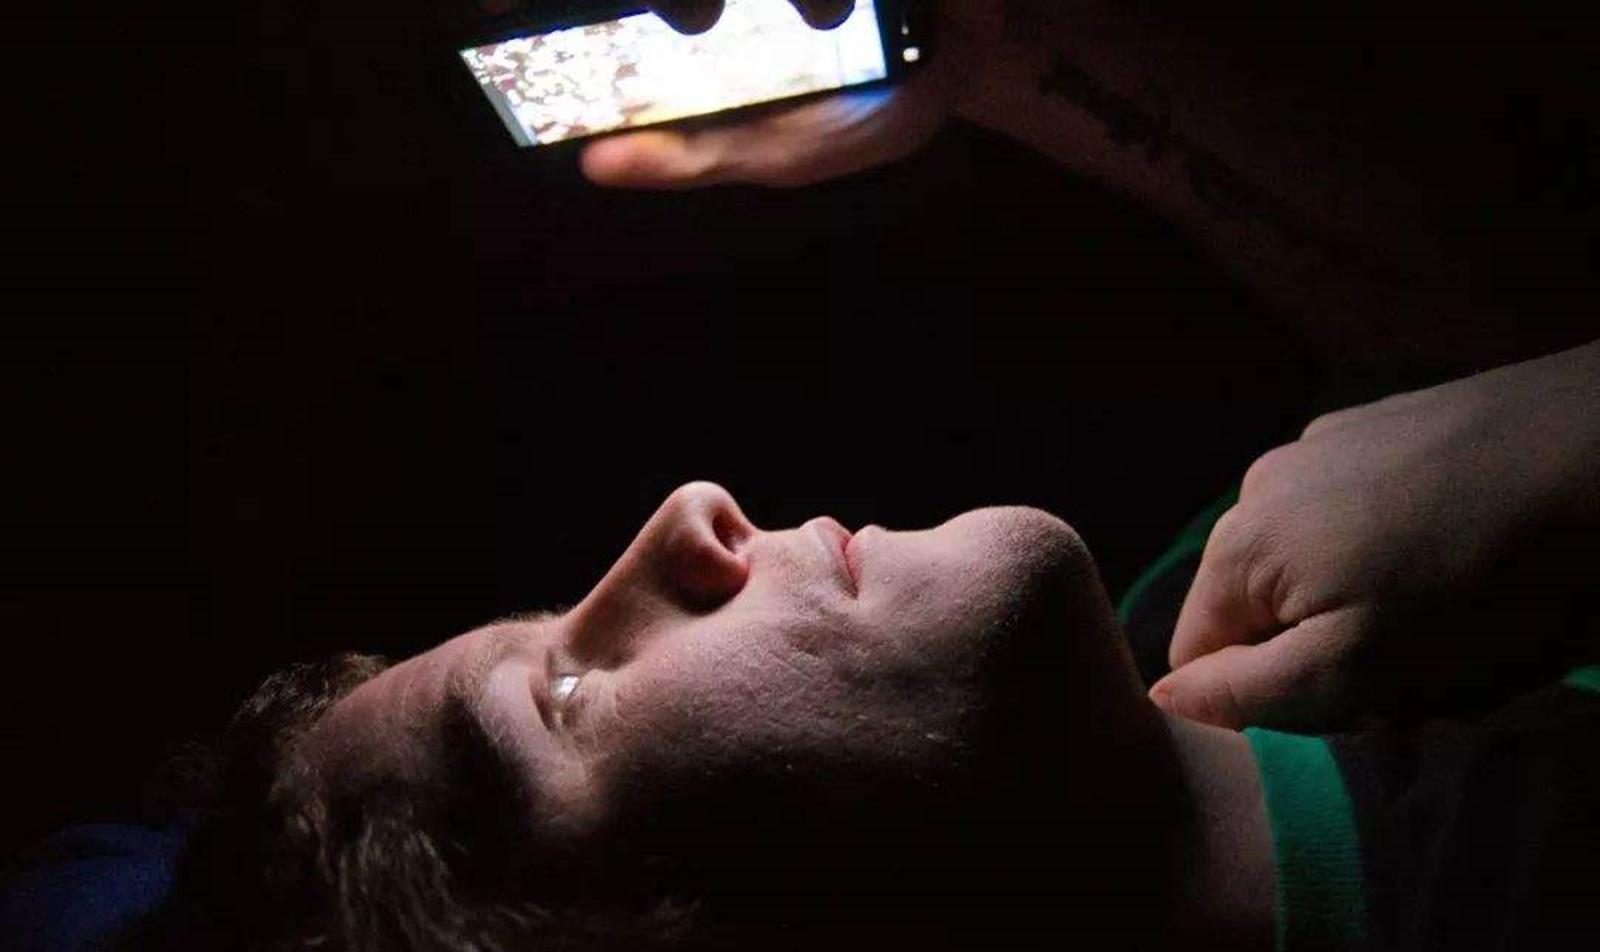 万万别在睡觉前玩脚机,用不了多暂便会有费事去找您